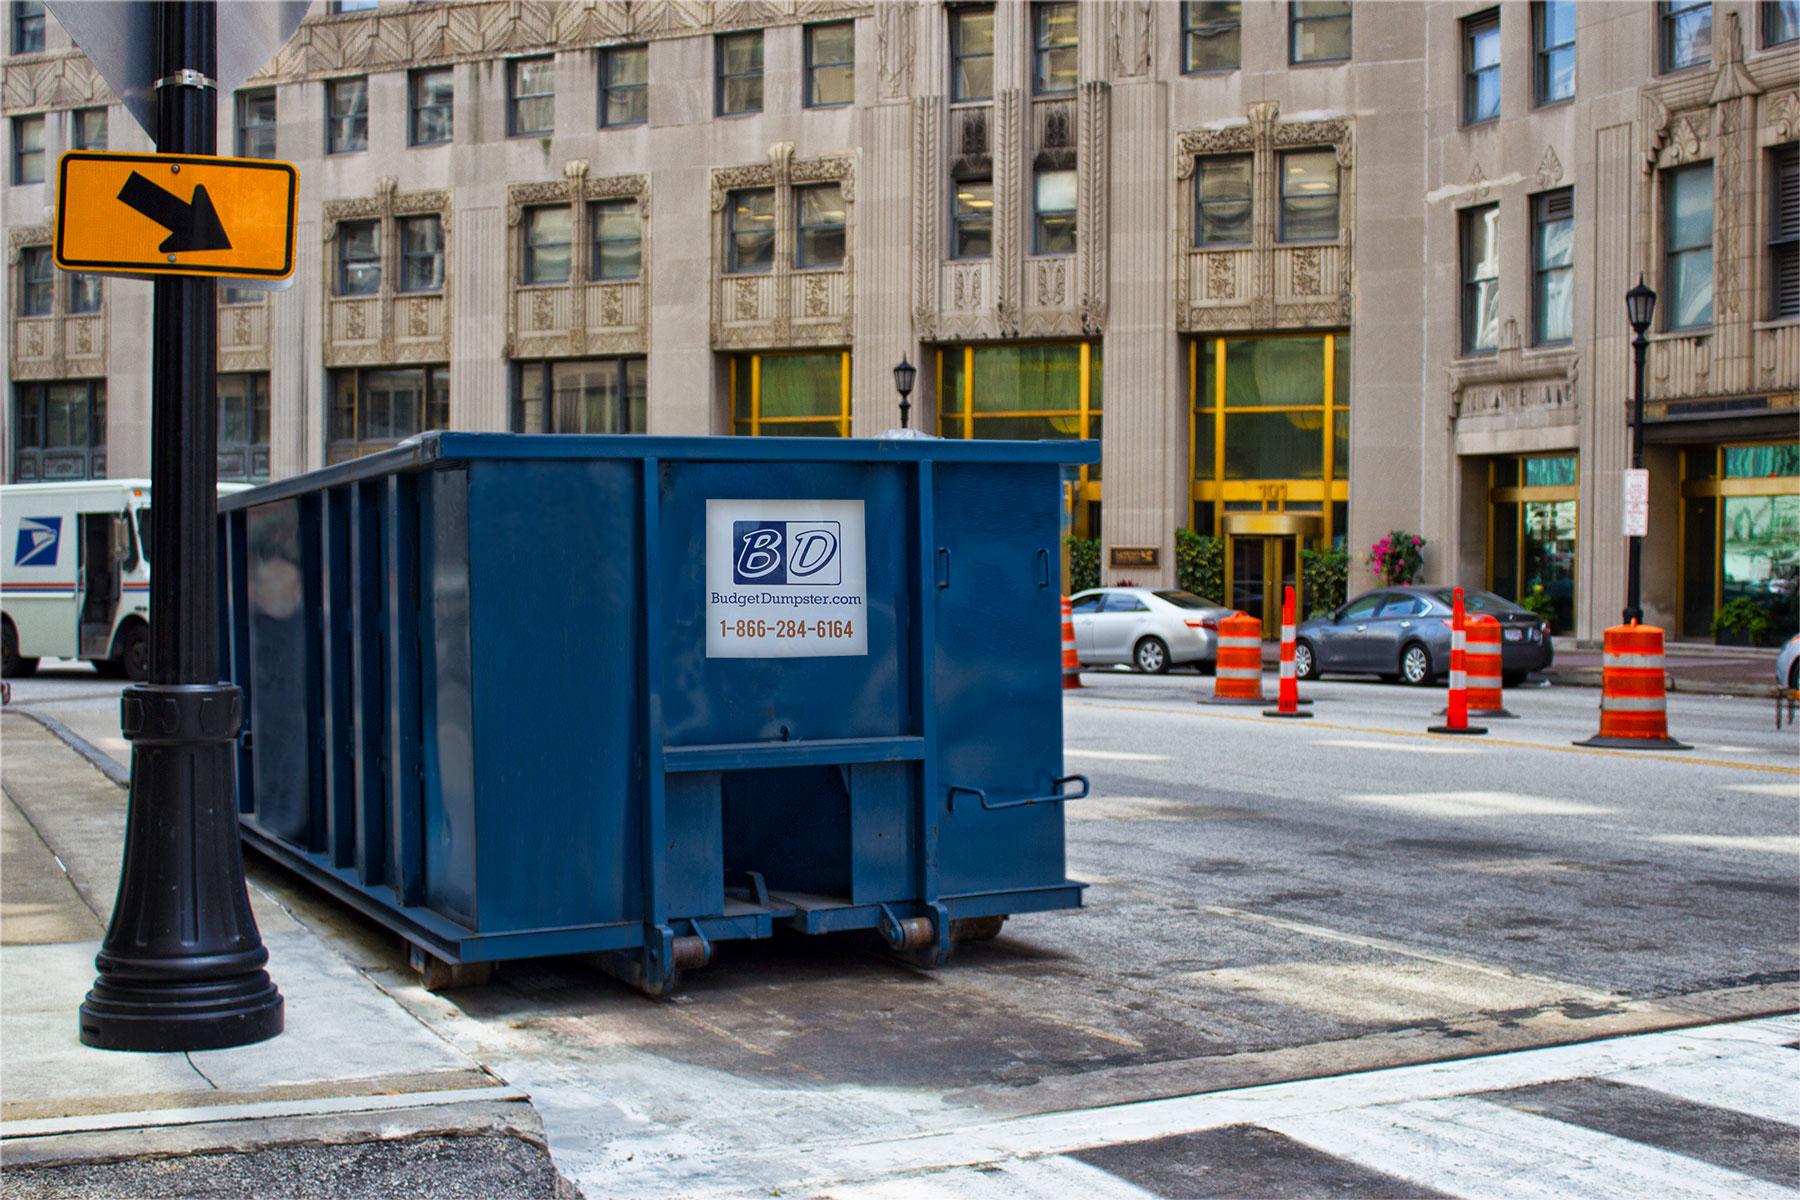 Budget Dumpster Rental image 5